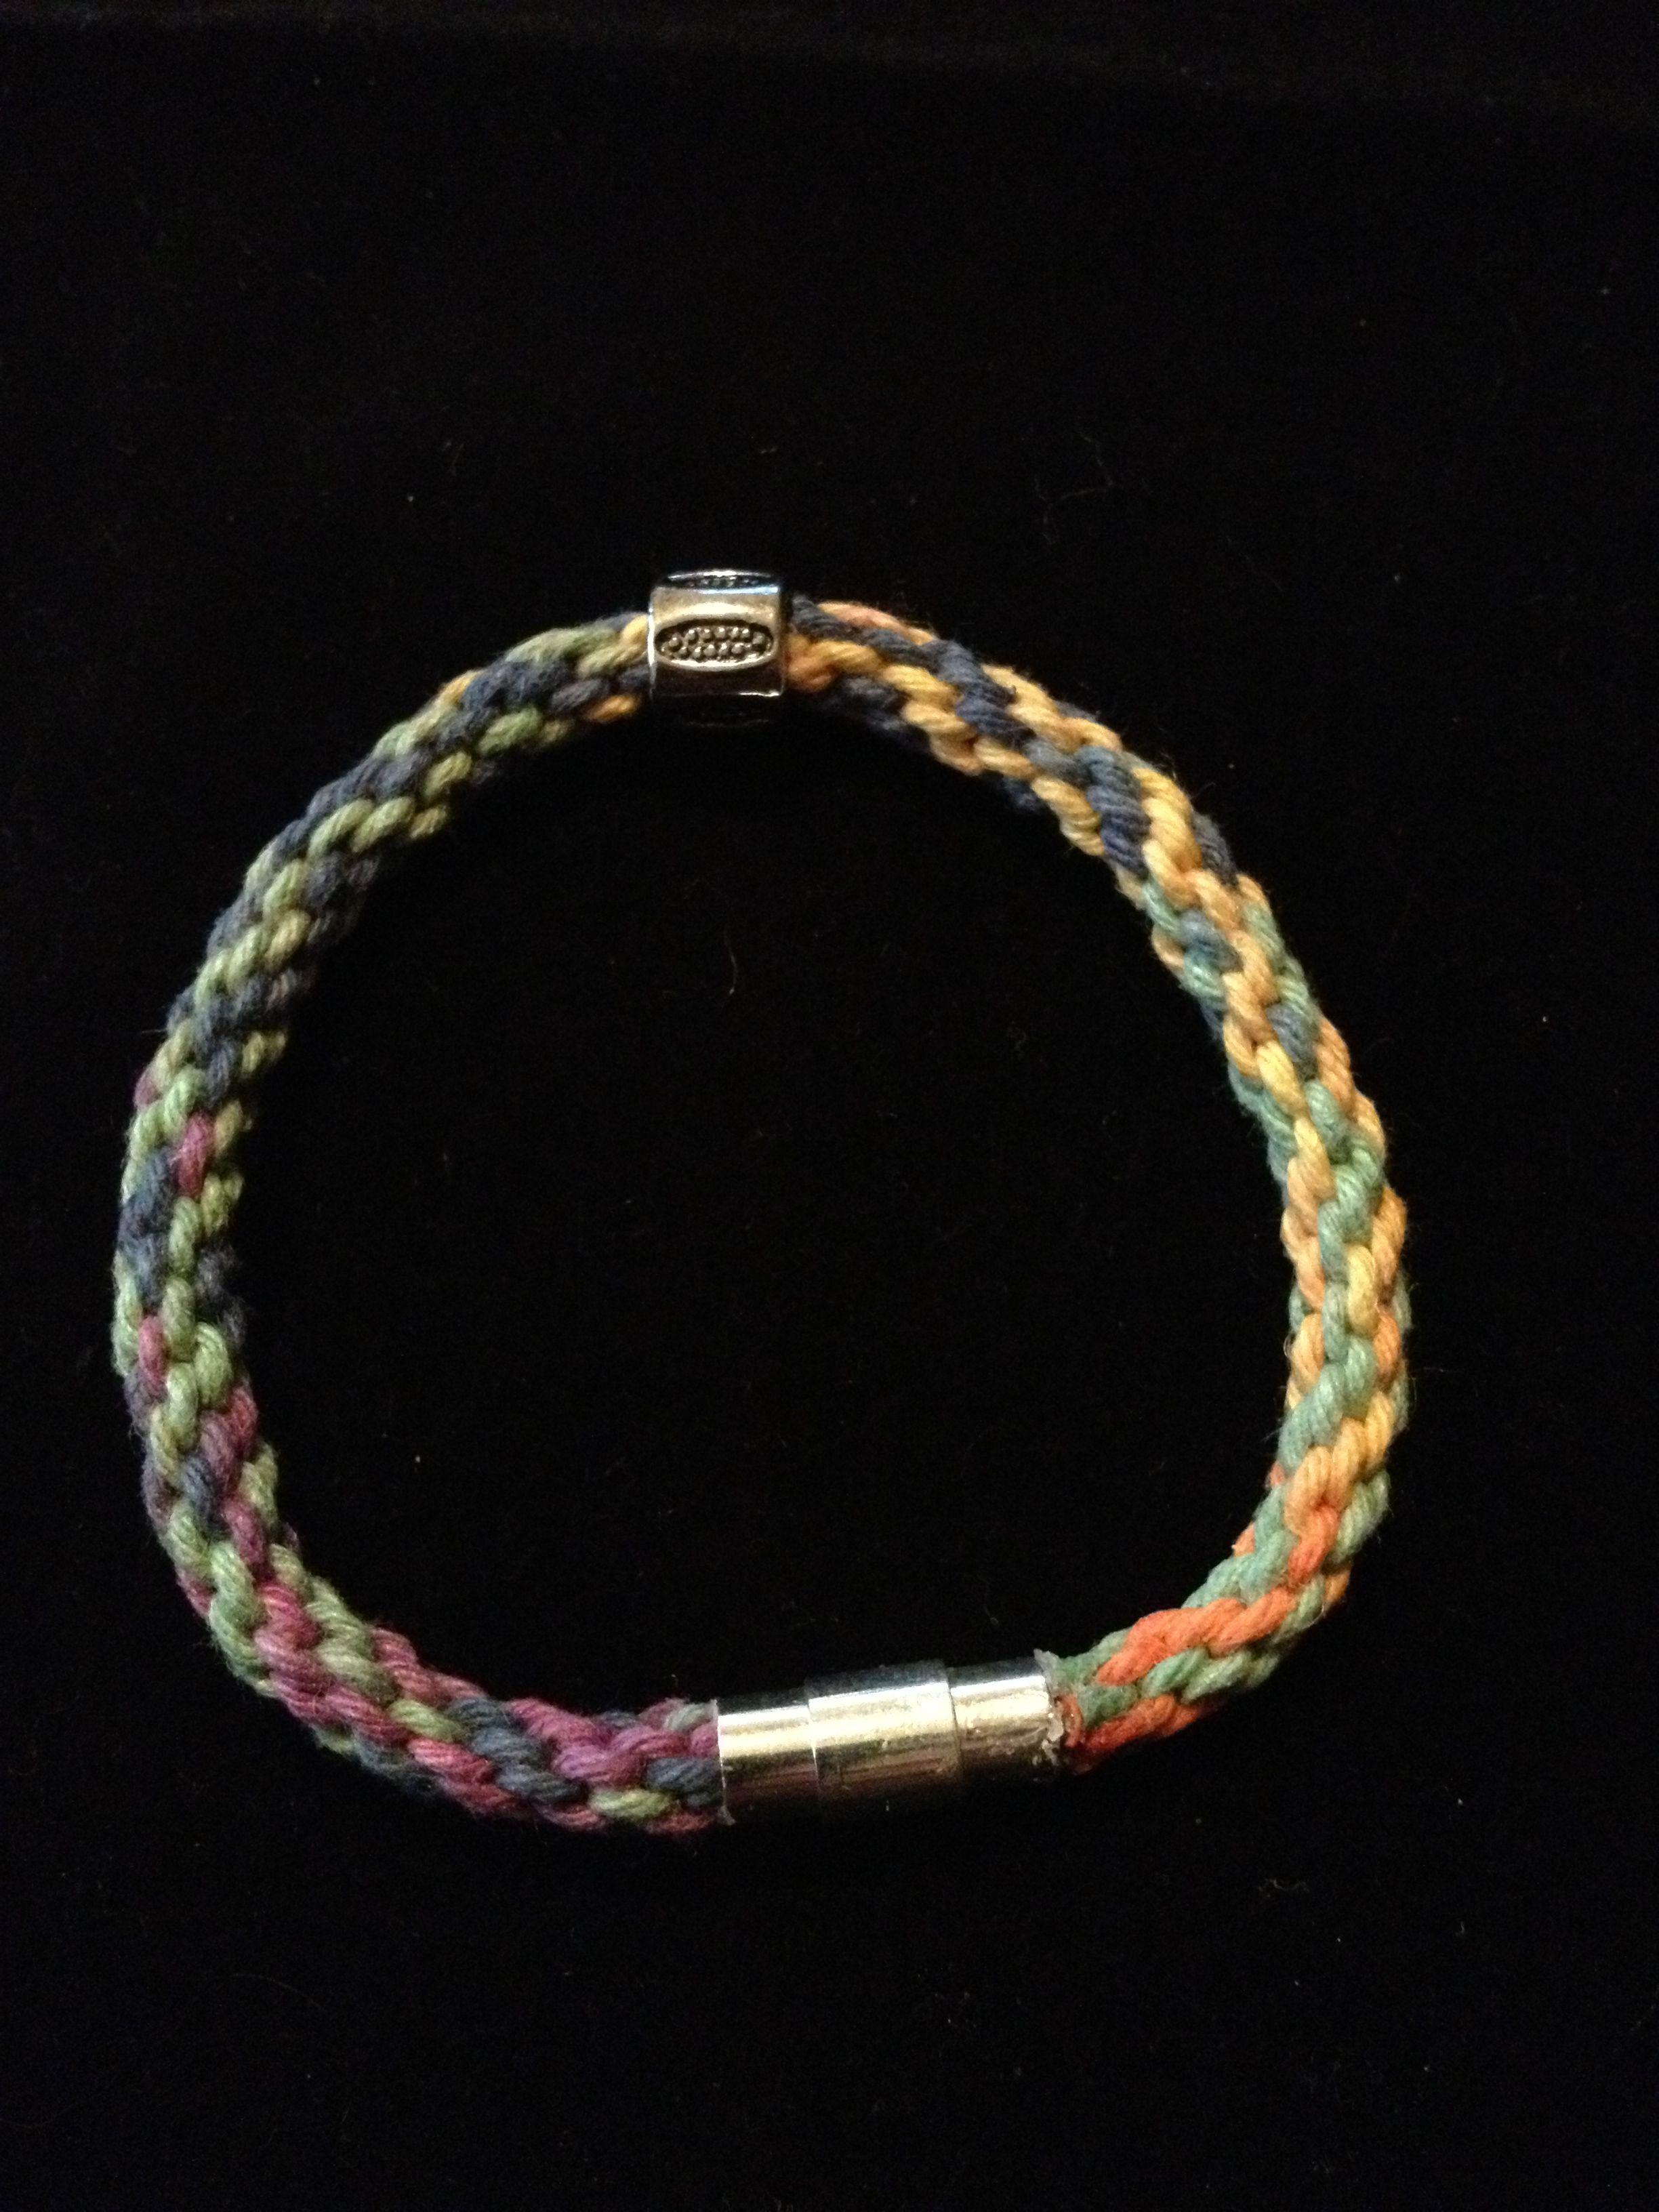 12 Of 50 Bracelets For Charity Bracelets Kumihimo Bracelets Rope Bracelet